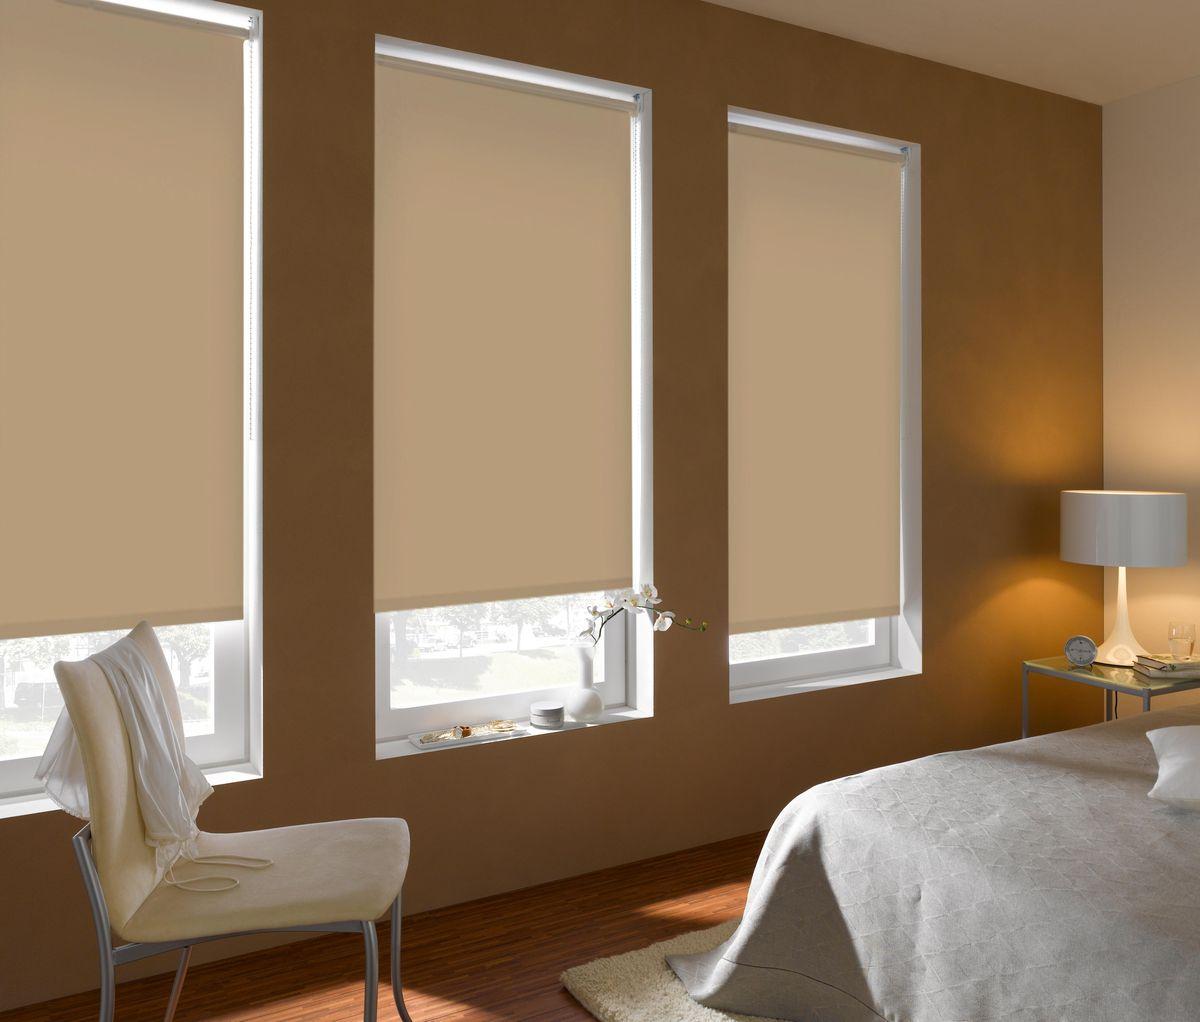 Штора рулонная Эскар Blackout, светонепроницаемая, цвет: бежевый, ширина 80 см, высота 170 смЗНАС-1000Рулонными шторами можно оформлять окна как самостоятельно, так и использовать в комбинации с портьерами. Это поможет предотвратить выгорание дорогой ткани на солнце и соединит функционал рулонных с красотой навесных.Преимущества применения рулонных штор для пластиковых окон:- имеют прекрасный внешний вид: многообразие и фактурность материала изделия отлично смотрятся в любом интерьере; - многофункциональны: есть возможность подобрать шторы способные эффективно защитить комнату от солнца, при этом она не будет слишком темной.- Есть возможность осуществить быстрый монтаж.ВНИМАНИЕ! Размеры ширины изделия указаны по ширине ткани!Во время эксплуатации не рекомендуется полностью разматывать рулон, чтобы не оторвать ткань от намоточного вала.В случае загрязнения поверхности ткани, чистку шторы проводят одним из способов, в зависимости от типа загрязнения: легкое поверхностное загрязнение можно удалить при помощи канцелярского ластика; чистка от пыли производится сухим методом при помощи пылесоса с мягкой щеткой-насадкой; для удаления пятна используйте мягкую губку с пенообразующим неагрессивным моющим средством или пятновыводитель на натуральной основе (нельзя применять растворители).